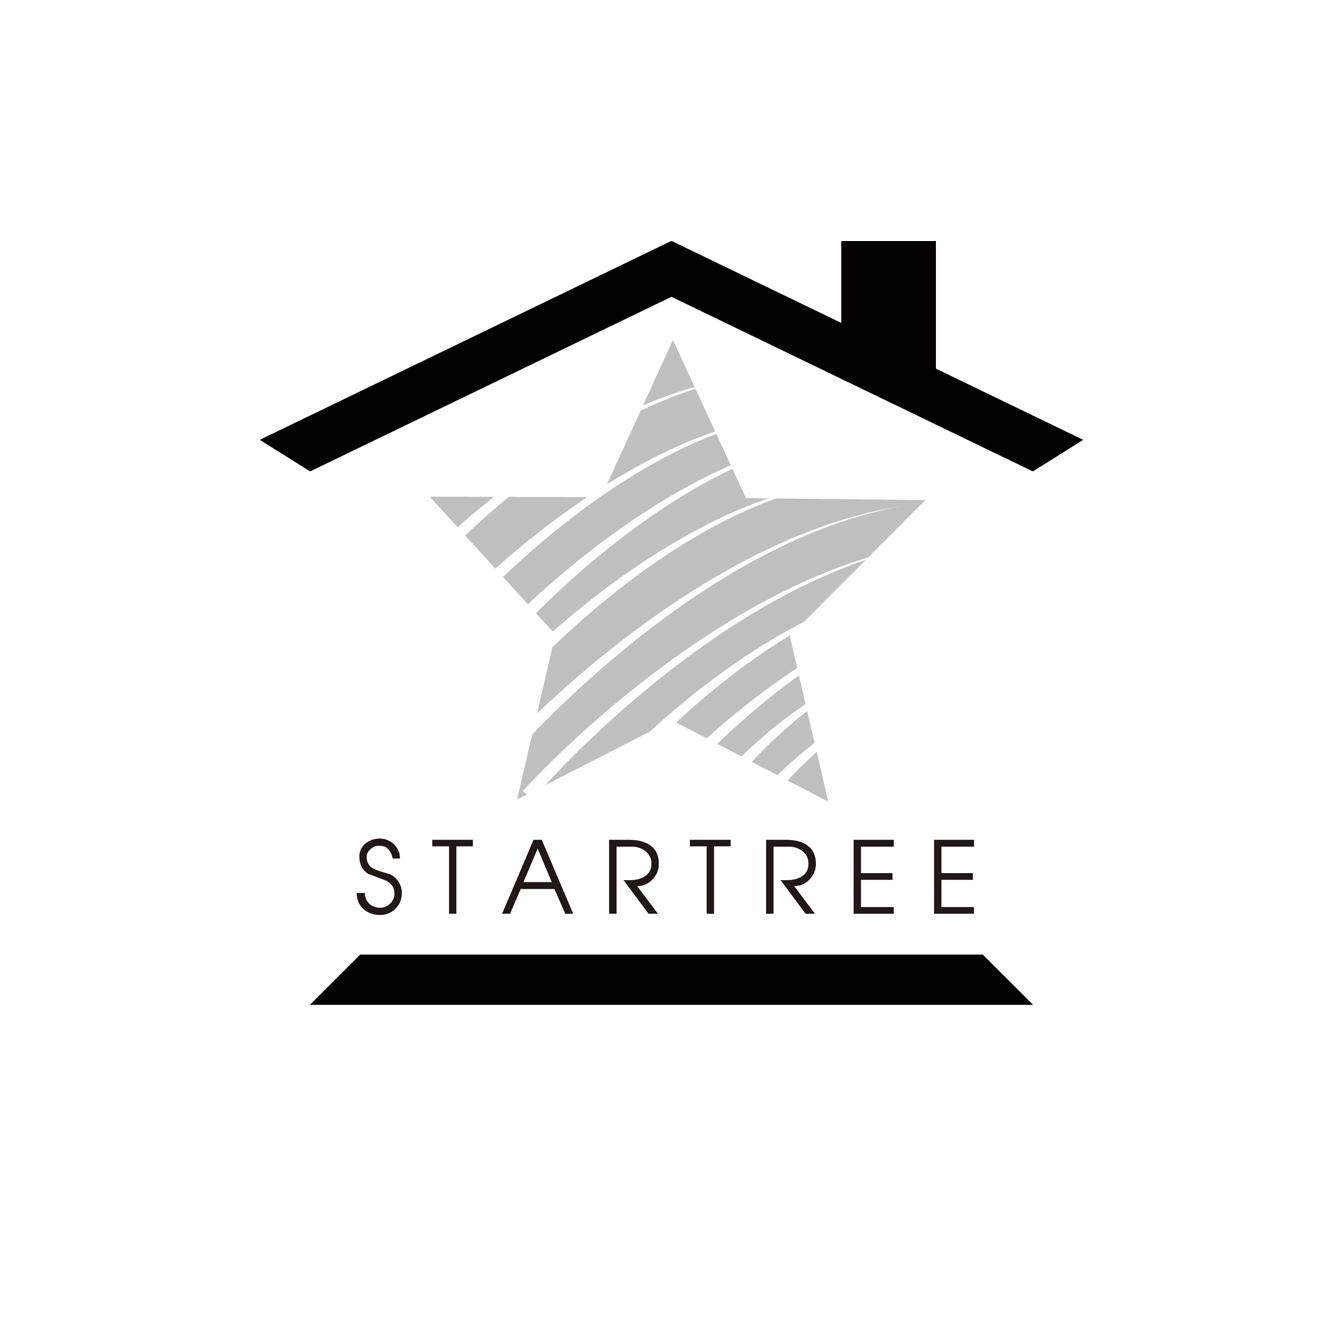 스타트리산업개발